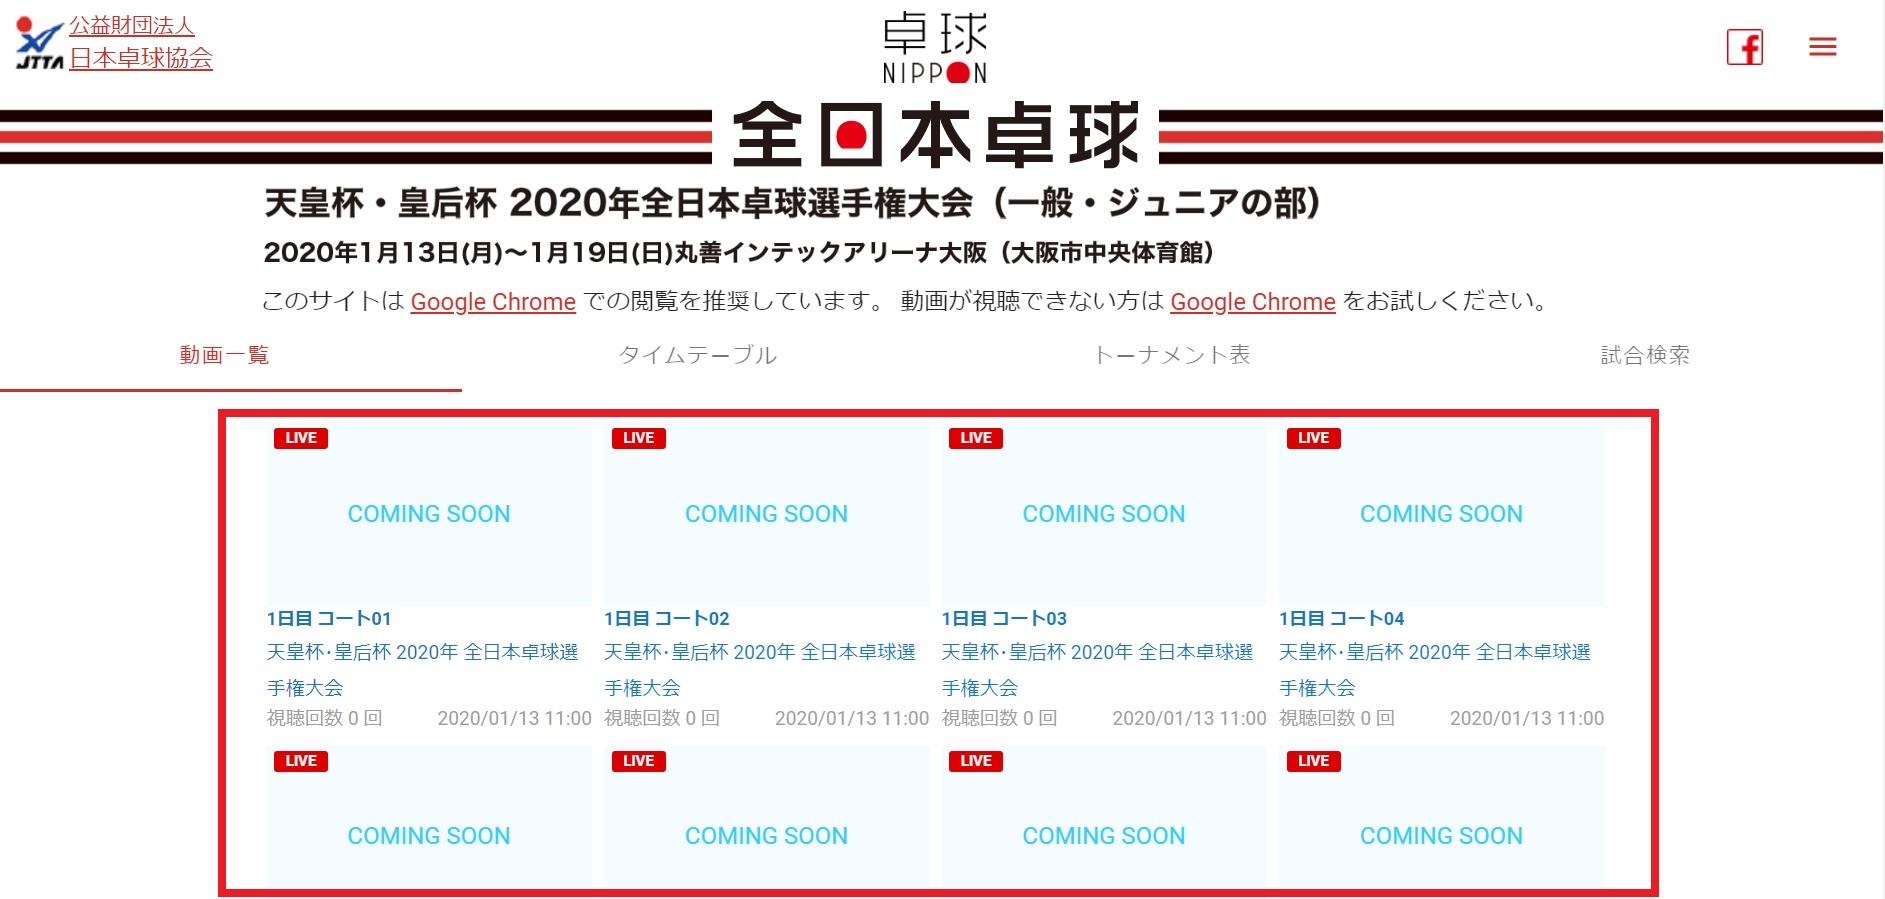 全日本卓球選手権_大会公式サイト_ネット動画